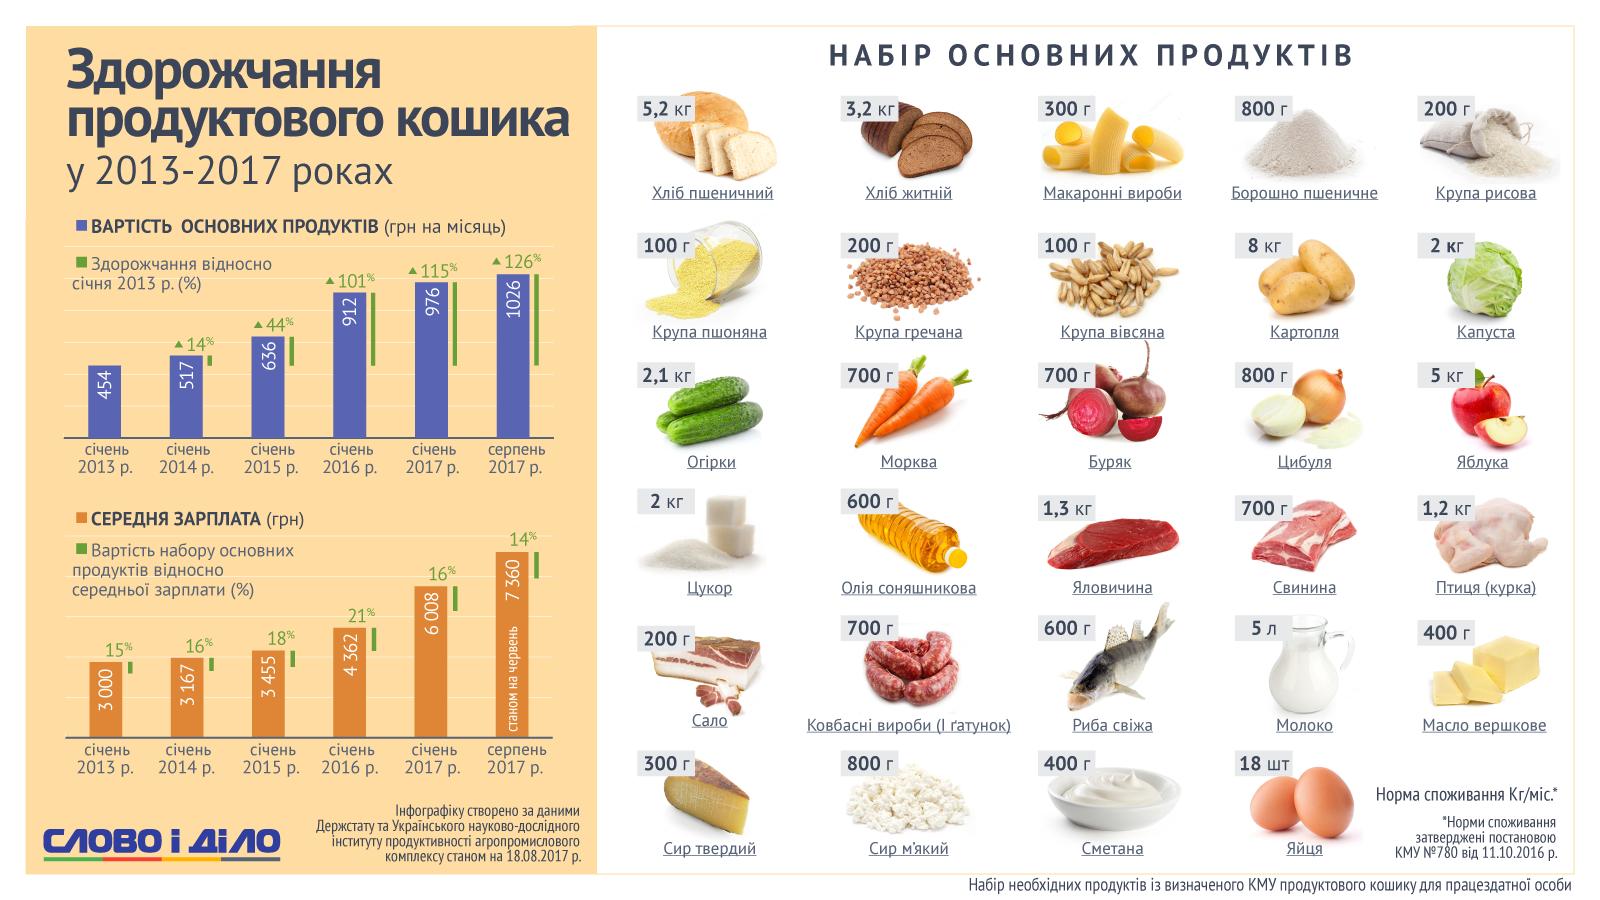 a057dc09d766 Напомним, ранее «Слово и Дело» писало о том, что, по сравнению с жителями  Германии украинцы в среднем потребляют меньше мяса, молочной продукции и  фруктов.